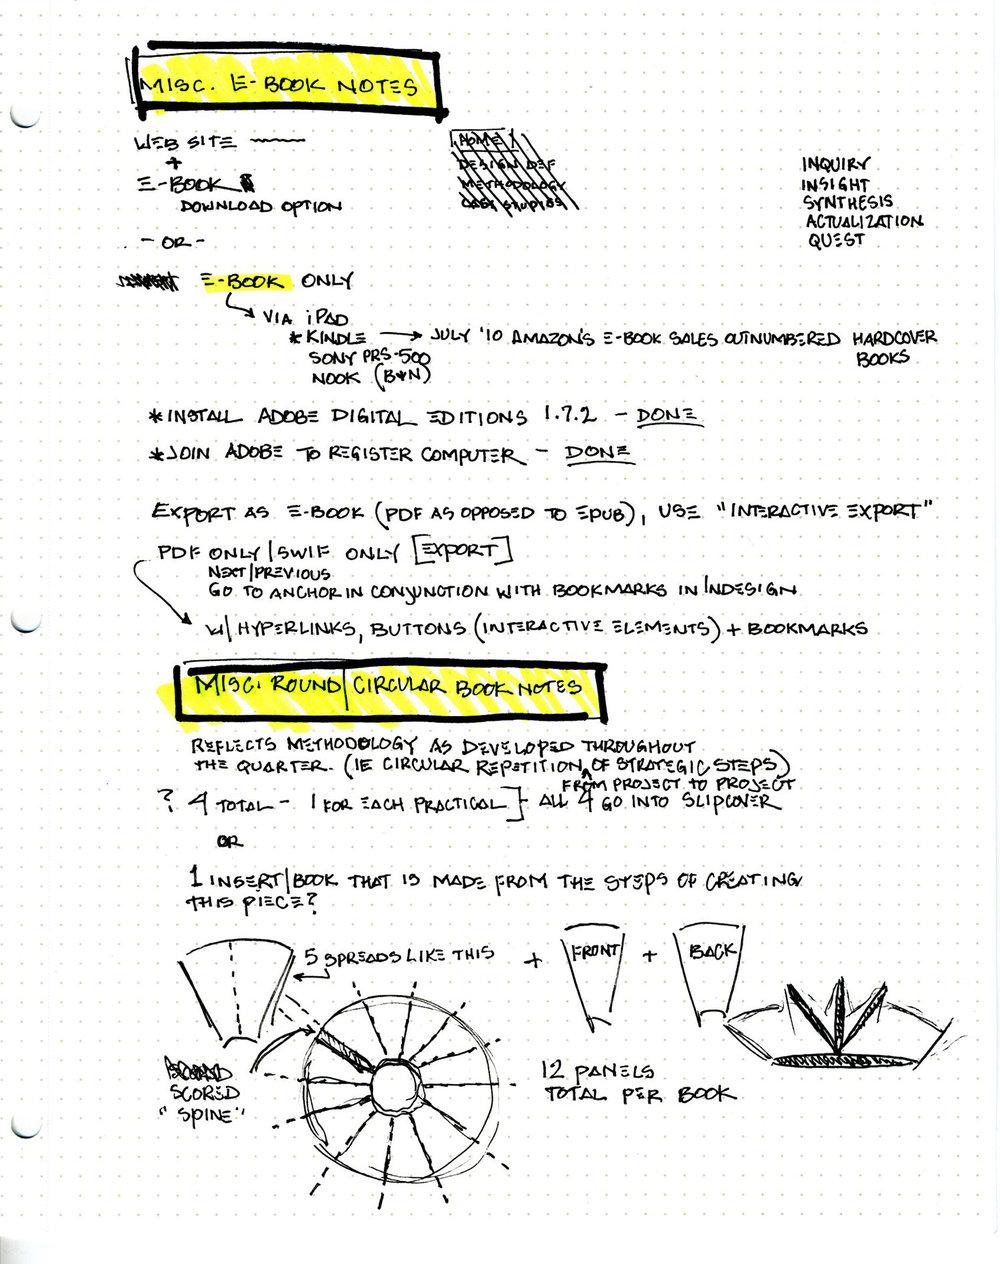 notes004.jpg